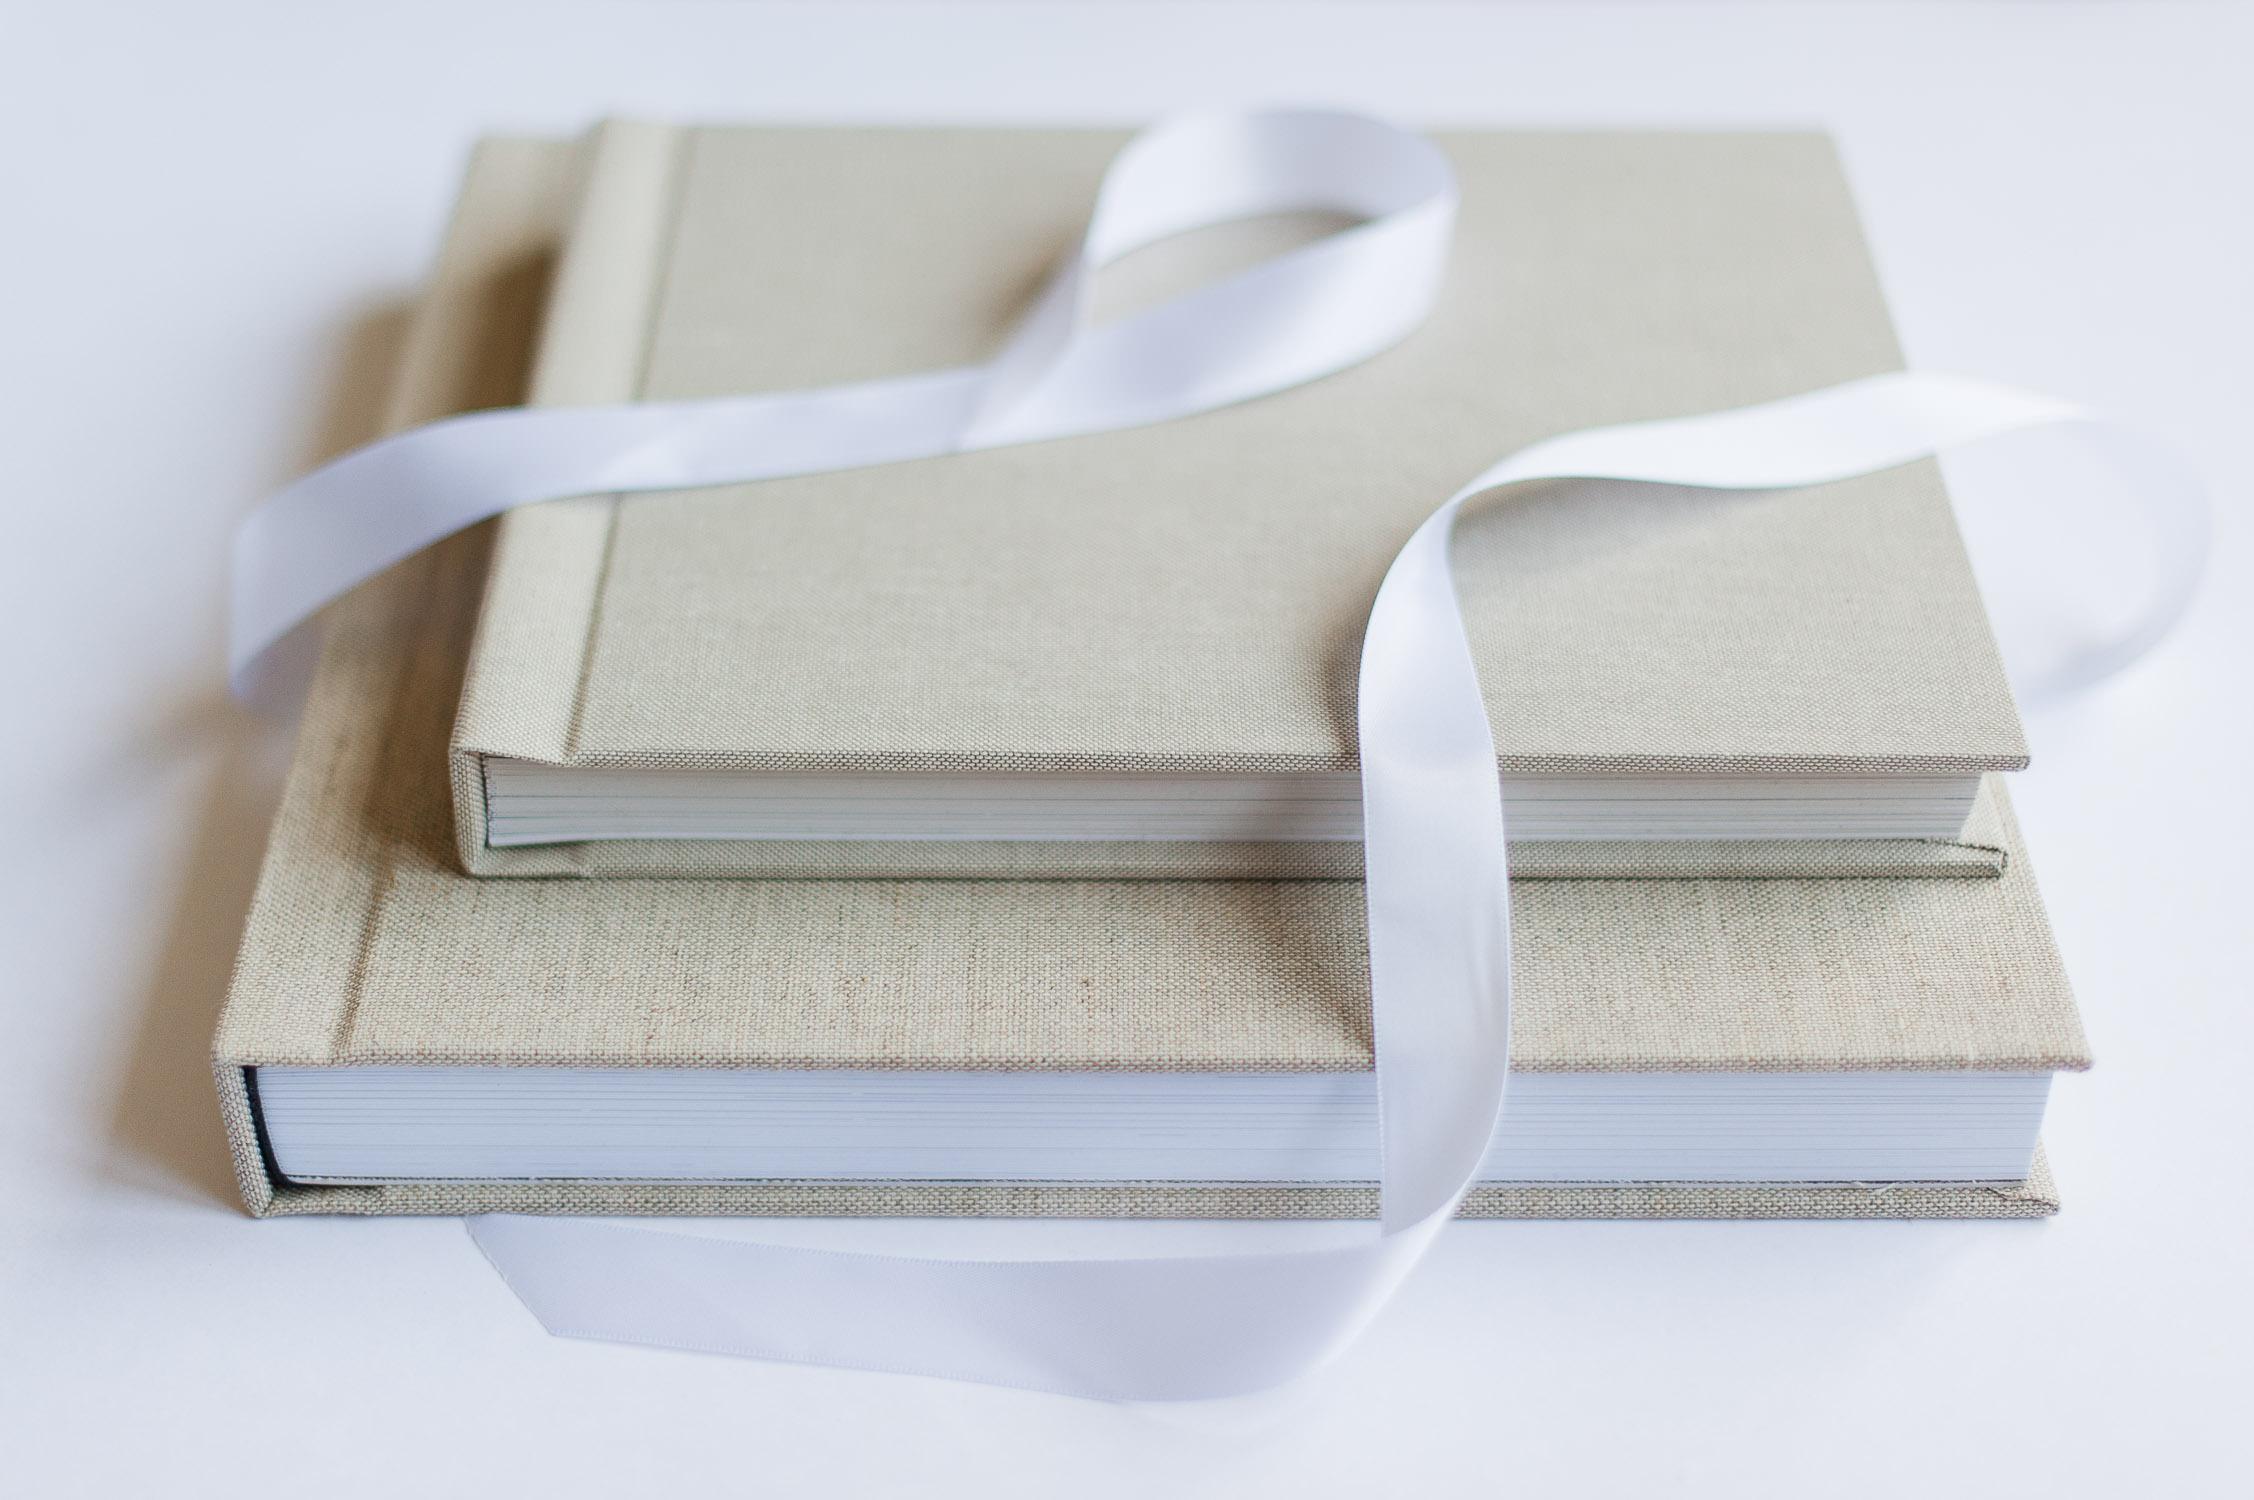 album photographie profesionnel lin vintage beige ruban soie gta imaging